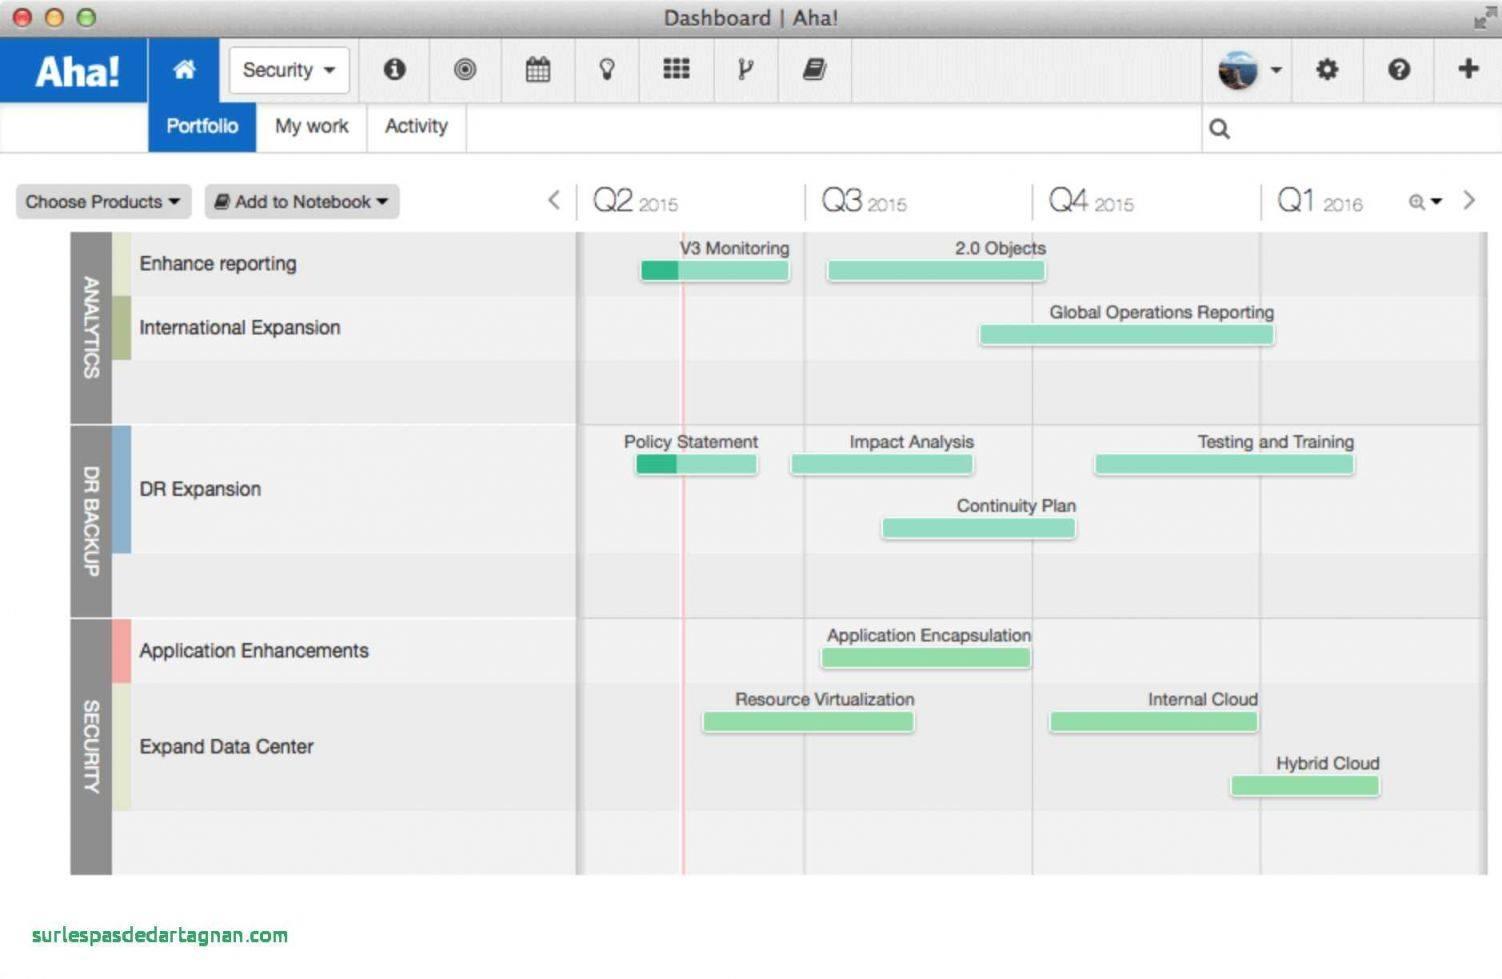 Sharepoint Roadmap Template